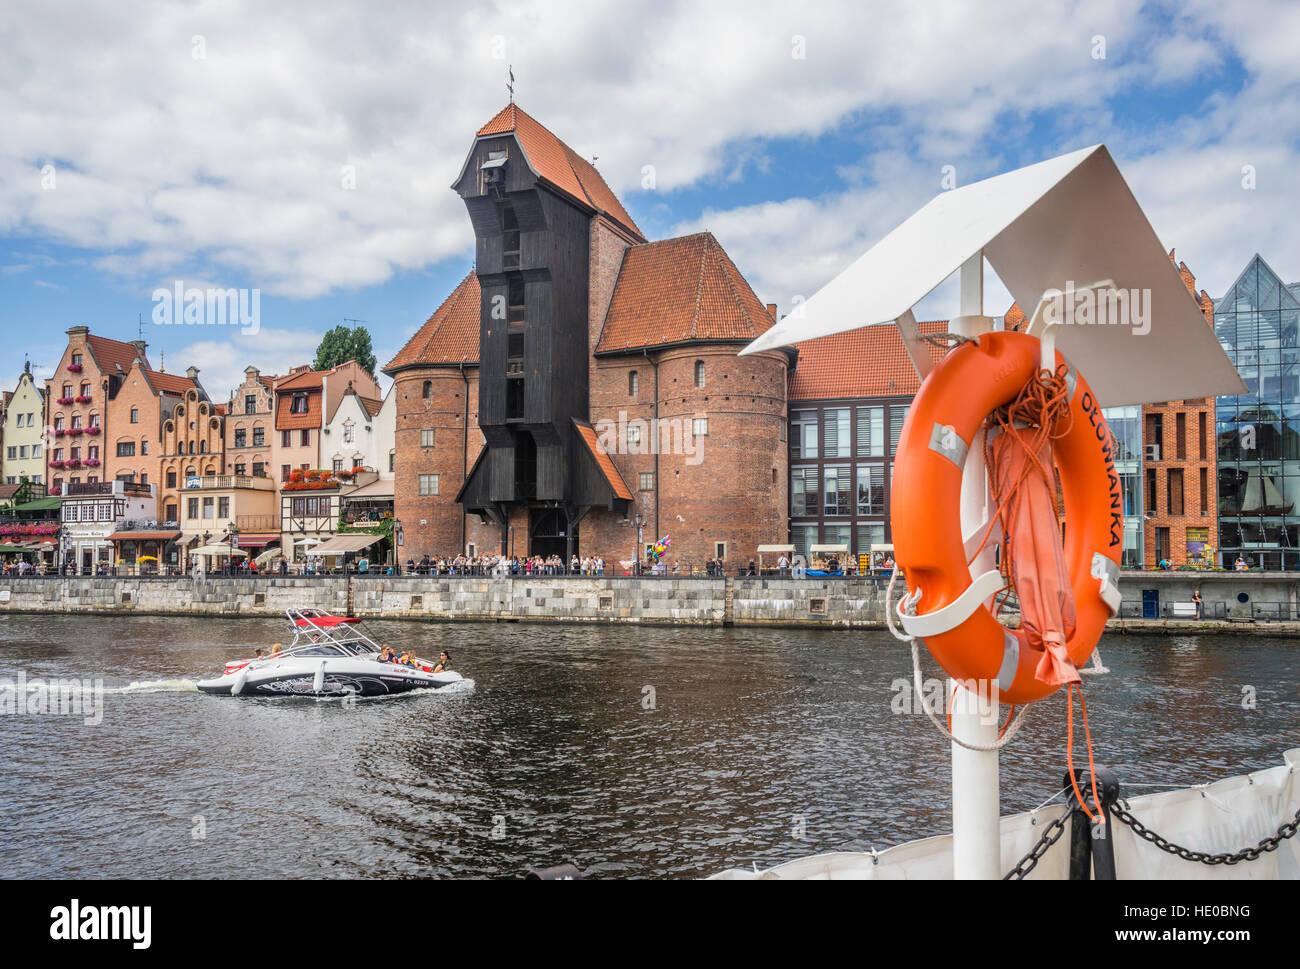 Poland, Pomerania, Gdansk (Danzig), Motlawa River with the iconic medieval port crane (Krantor/ Brama Zuraw) - Stock Image